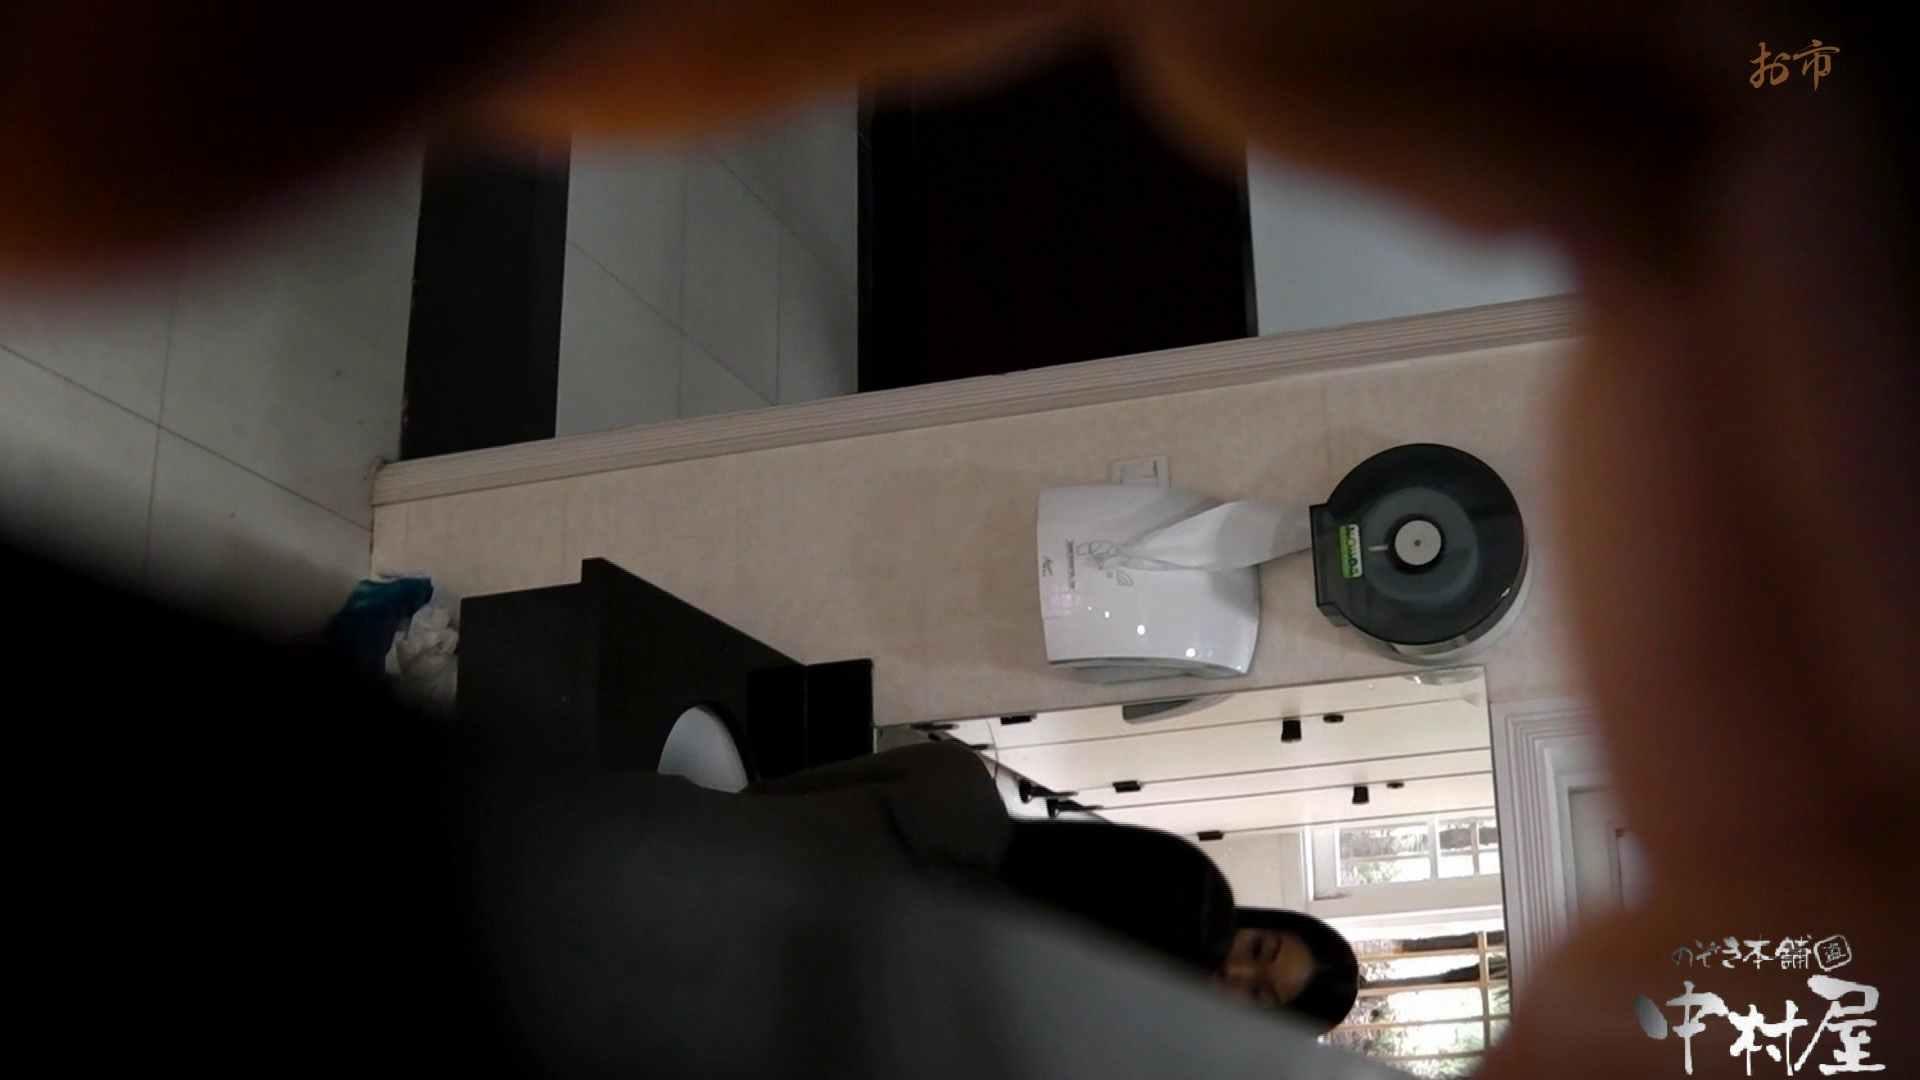 お市さんの「お尻丸出しジャンボリー」No.15 黒人 おめこ無修正動画無料 99pic 21